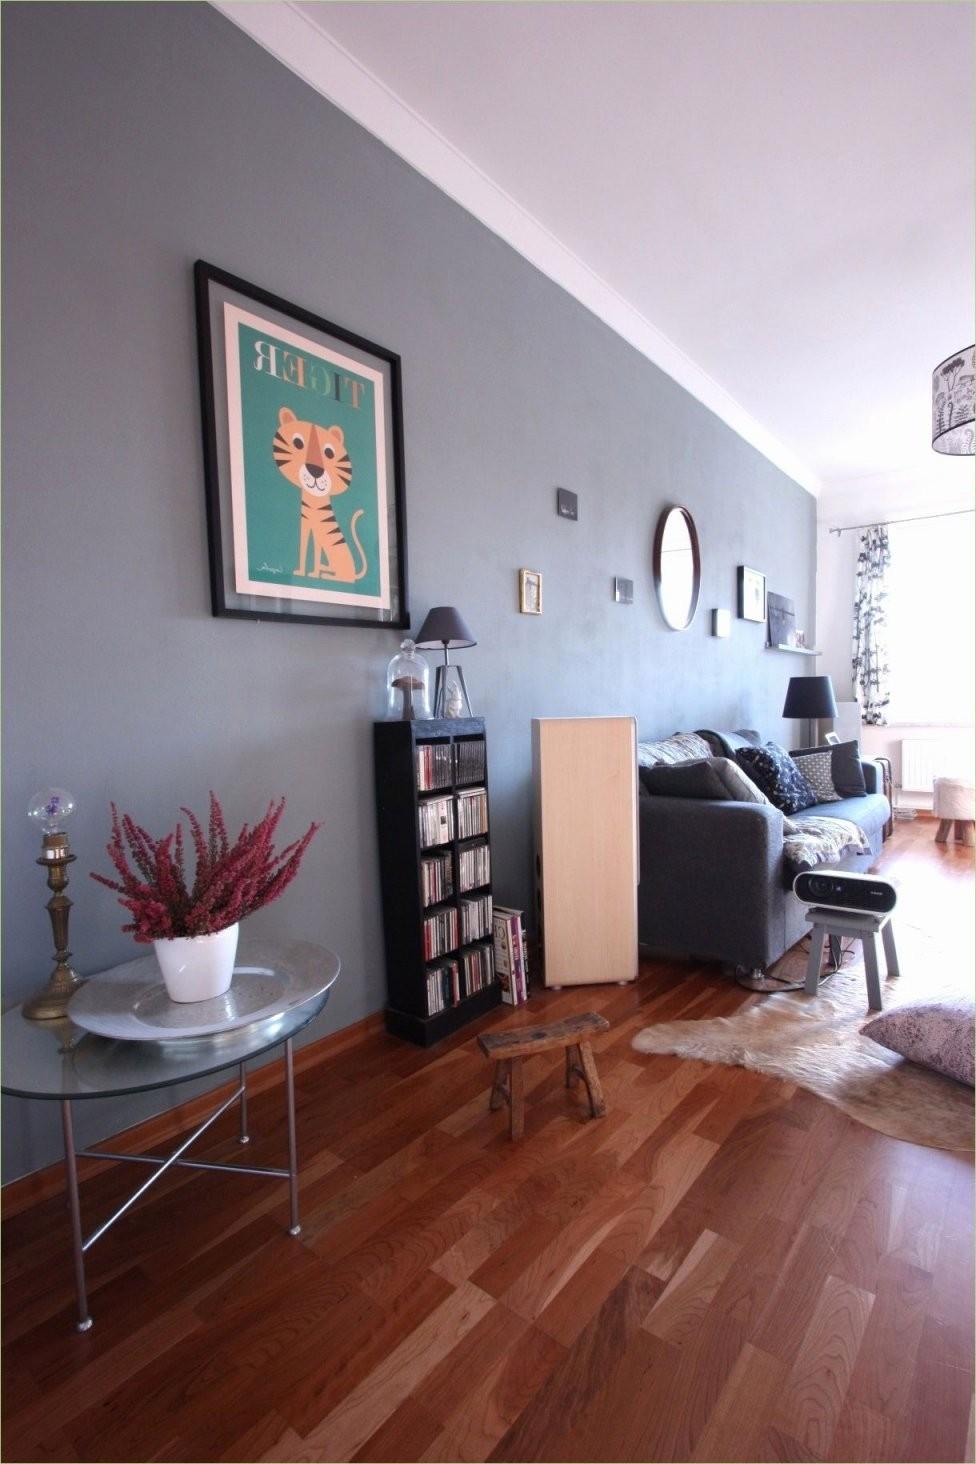 Wohnzimmer Ausmalen Ideen Wand Streichen Fuumlr Muster Farben von Wohnzimmer Wände Streichen Ideen Bild